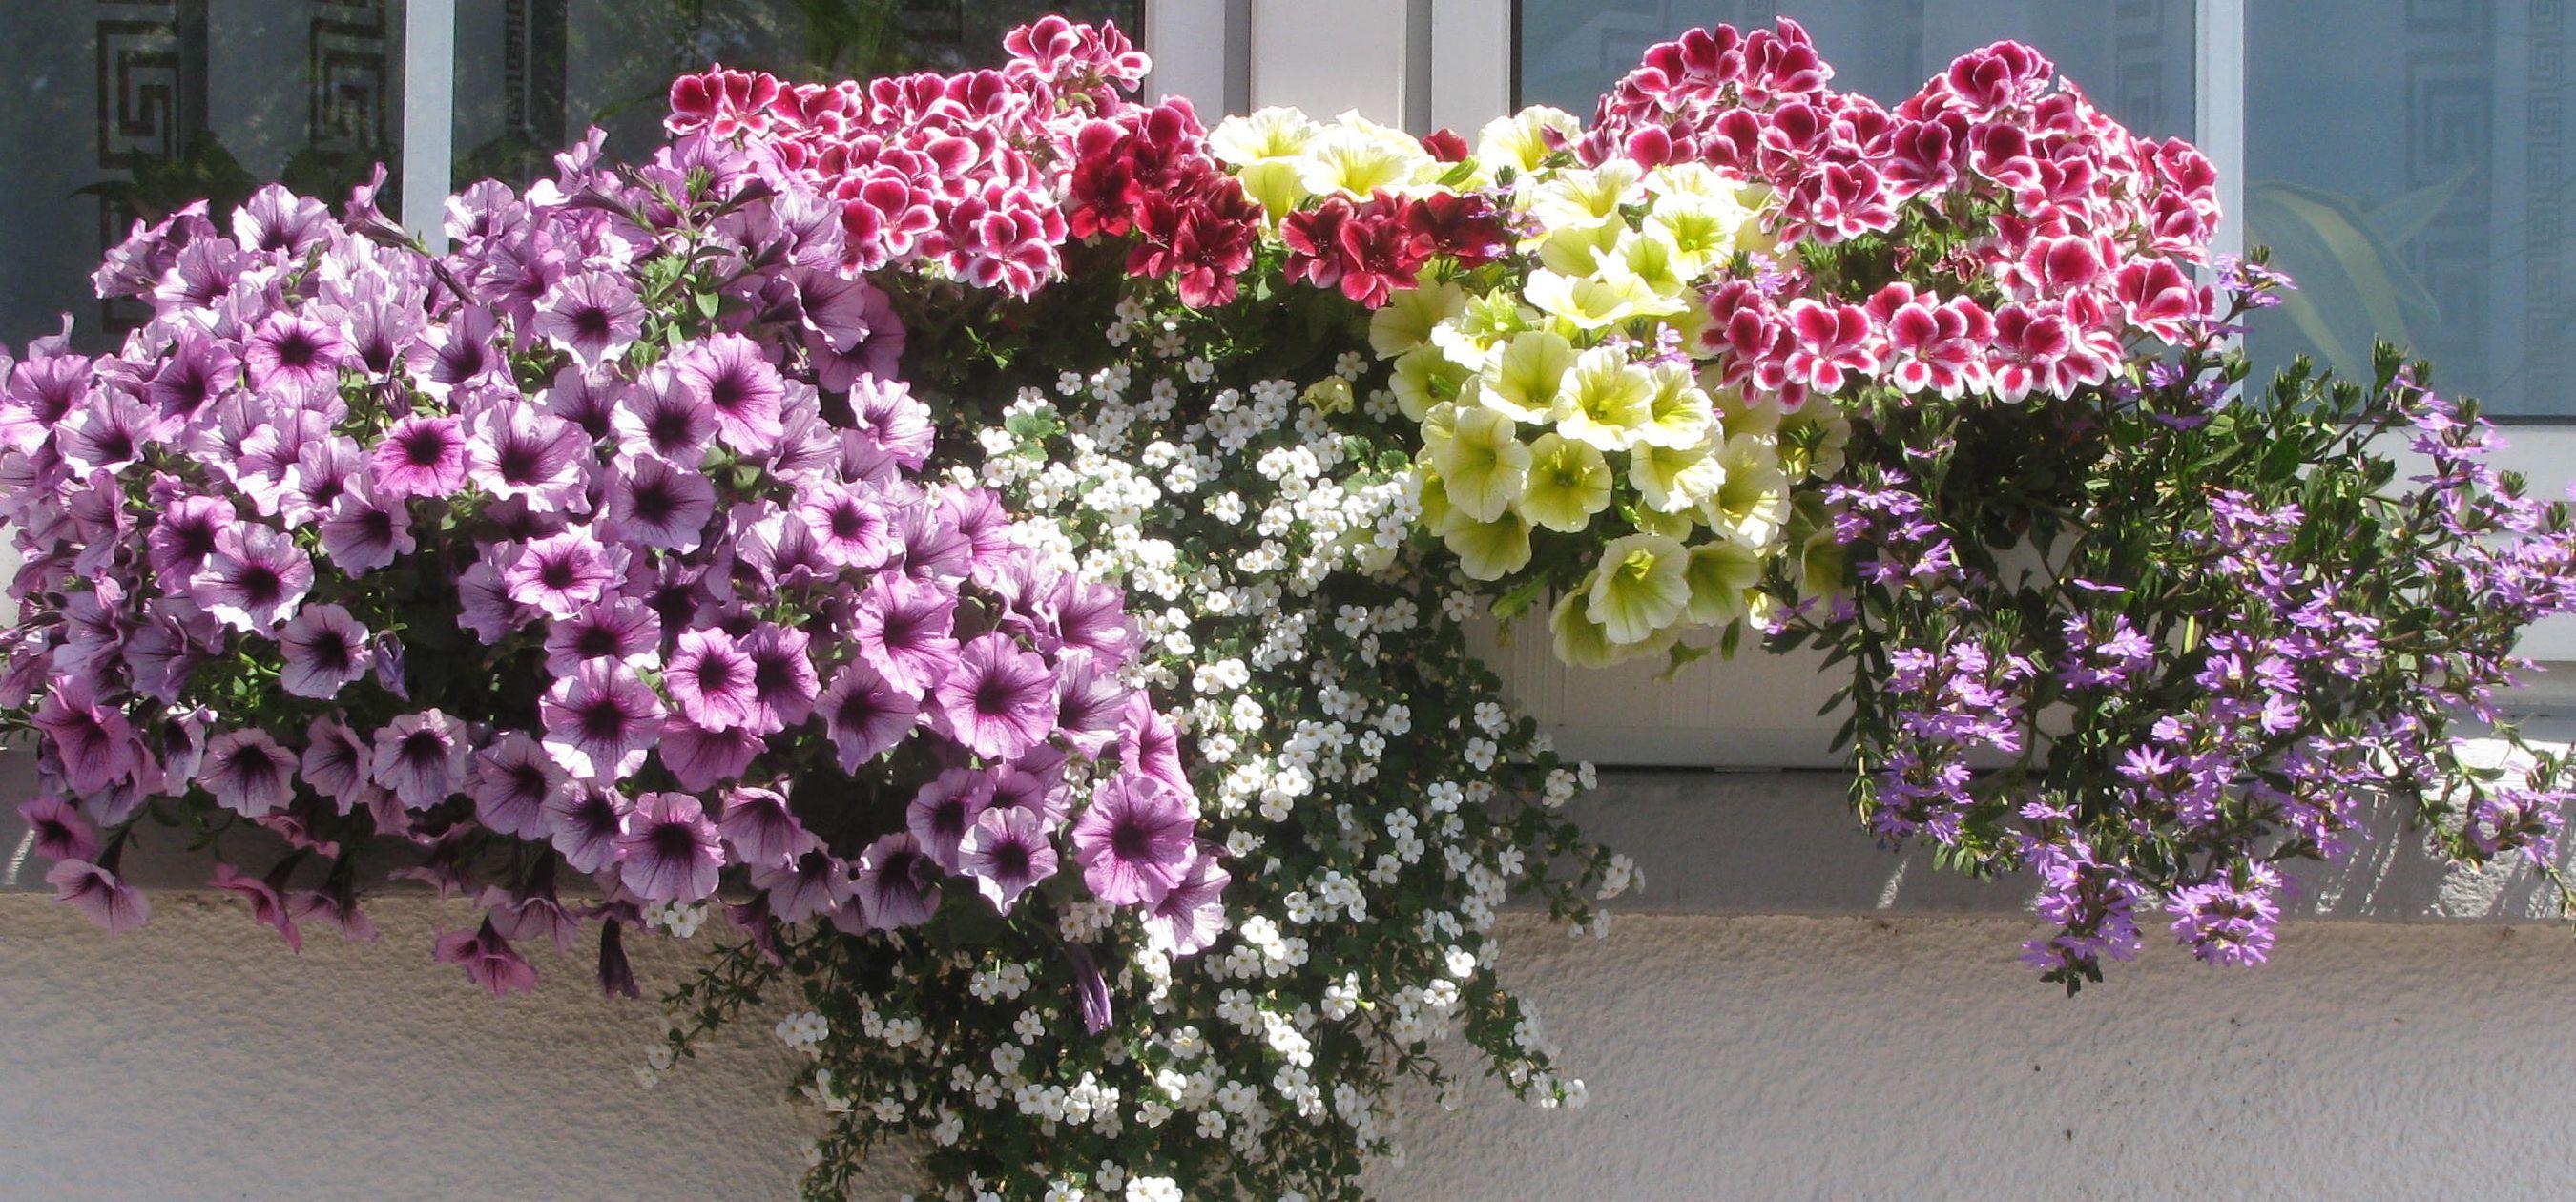 Balkon Blumenkästen Bepflanzen   Google Suche